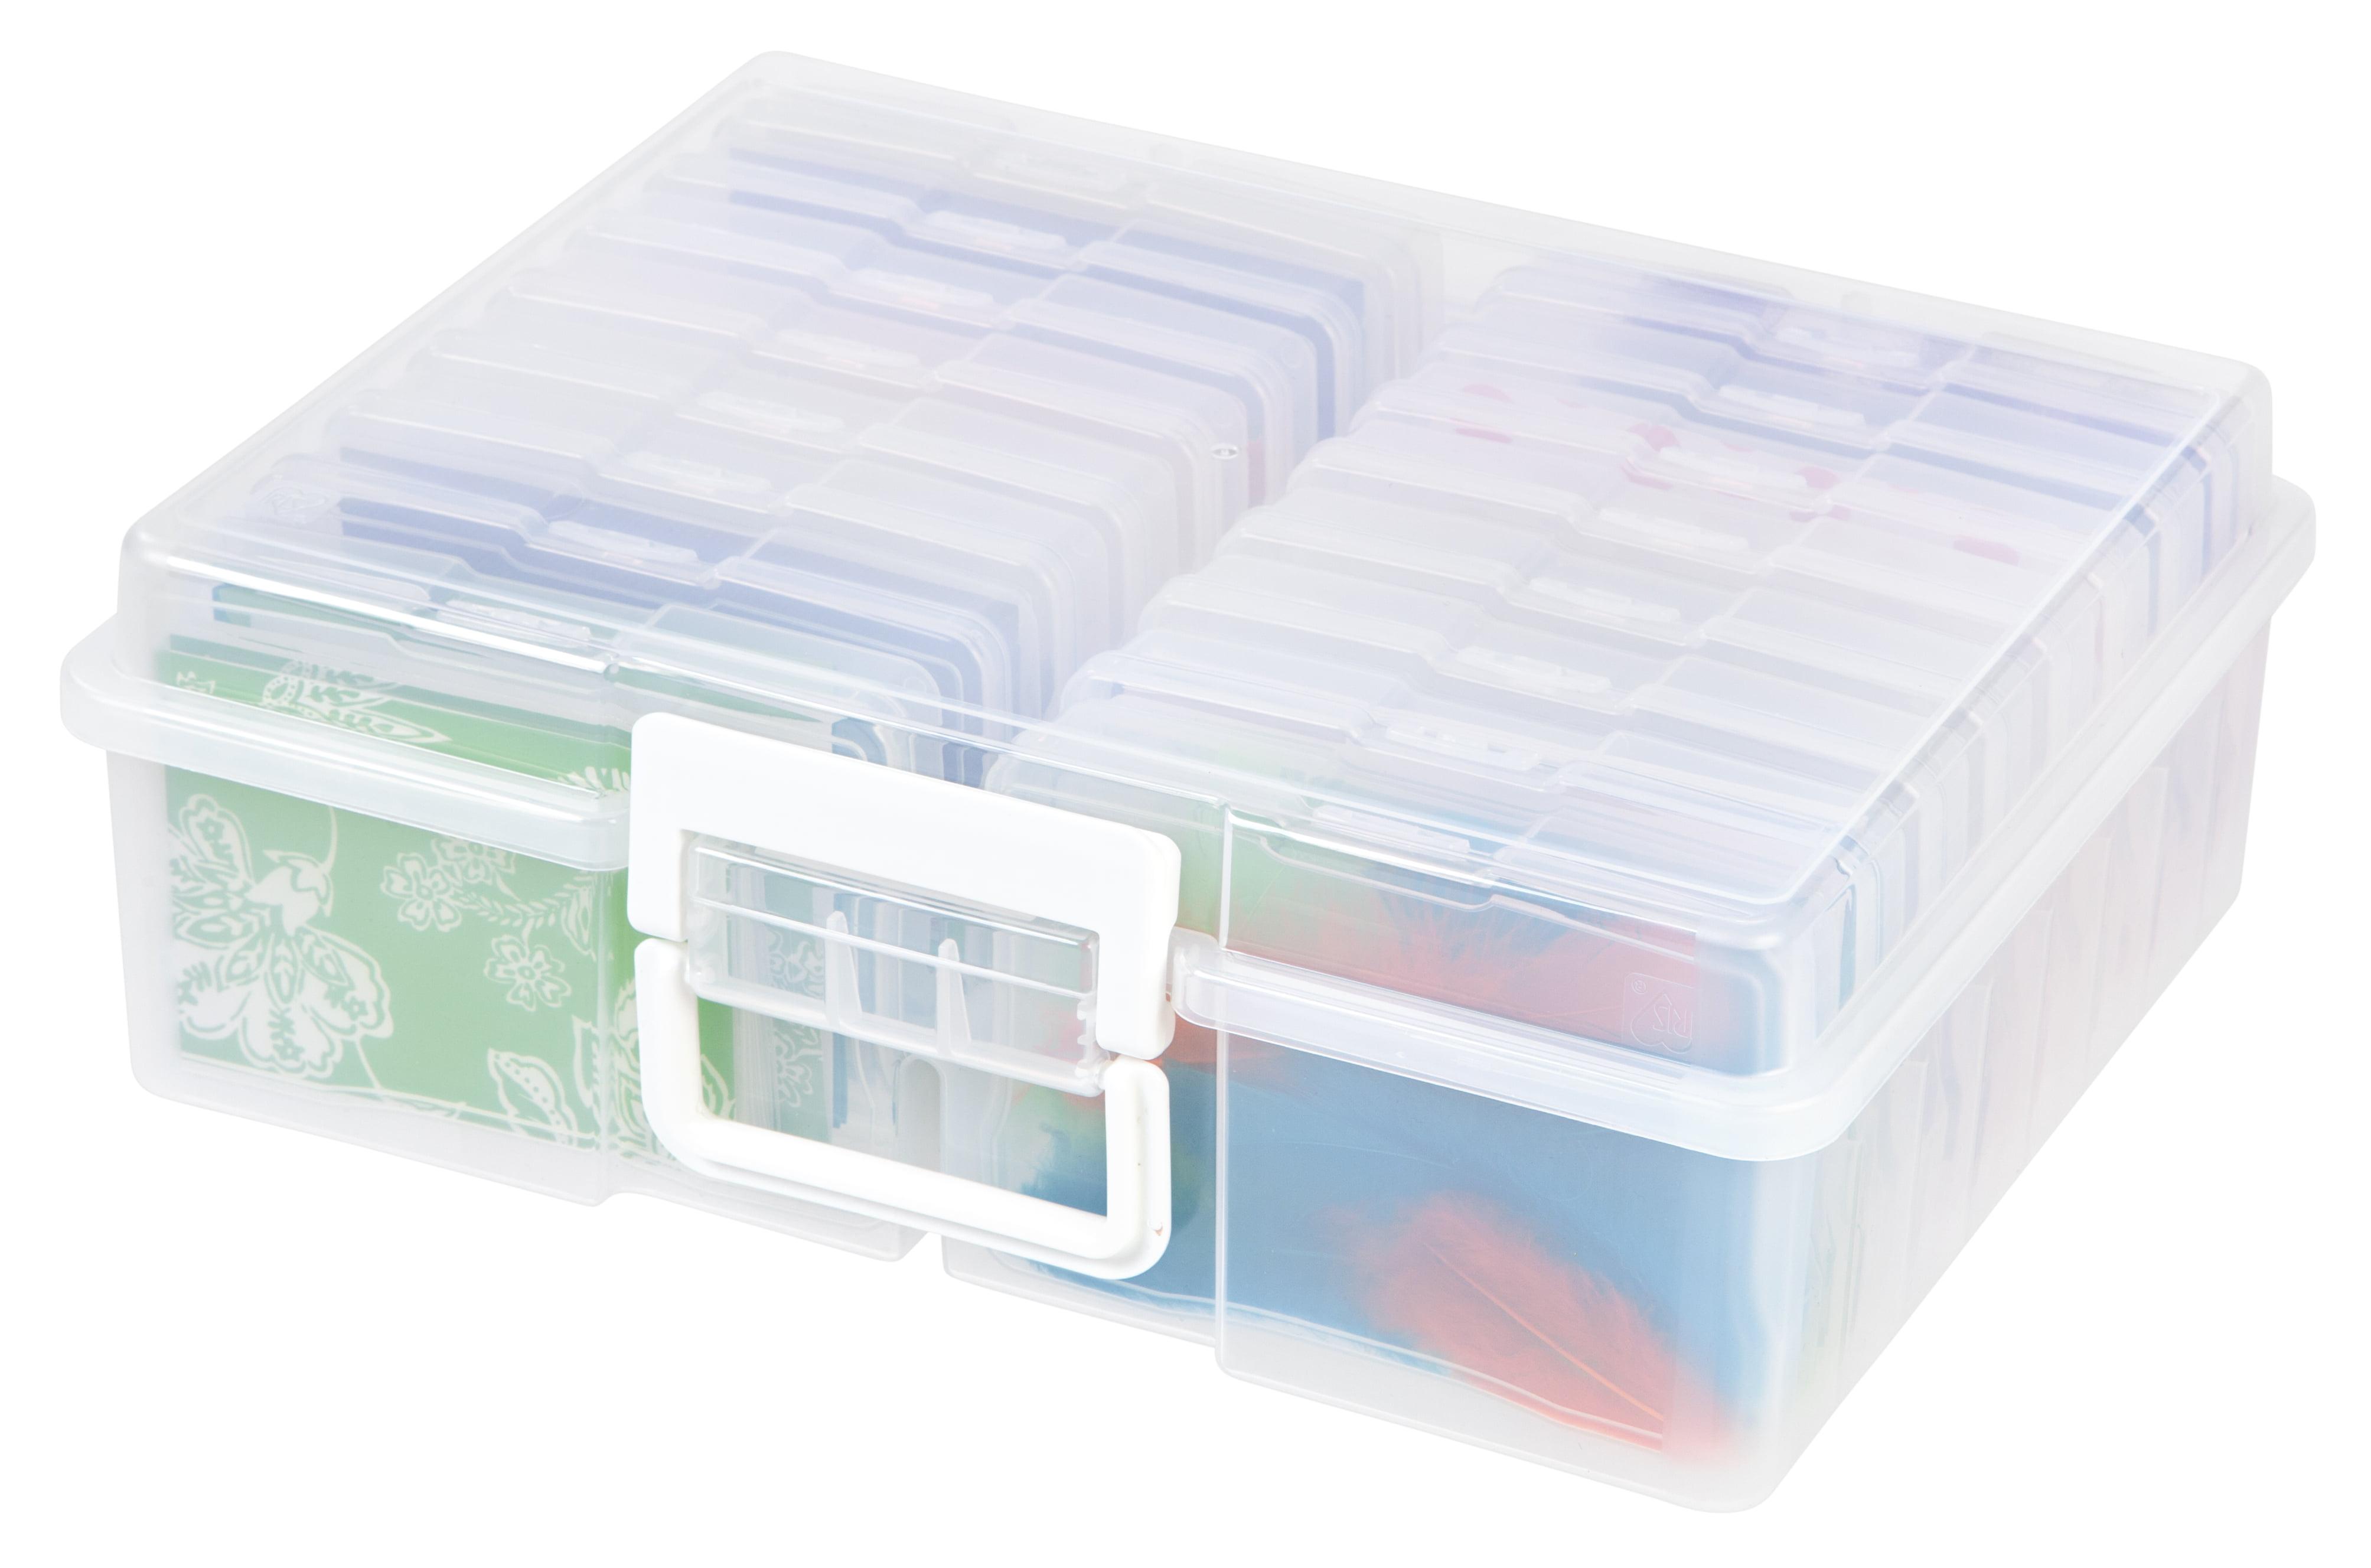 """IRIS 4"""" x 6"""" Photo and Craft Storage Box Set - 2pk"""